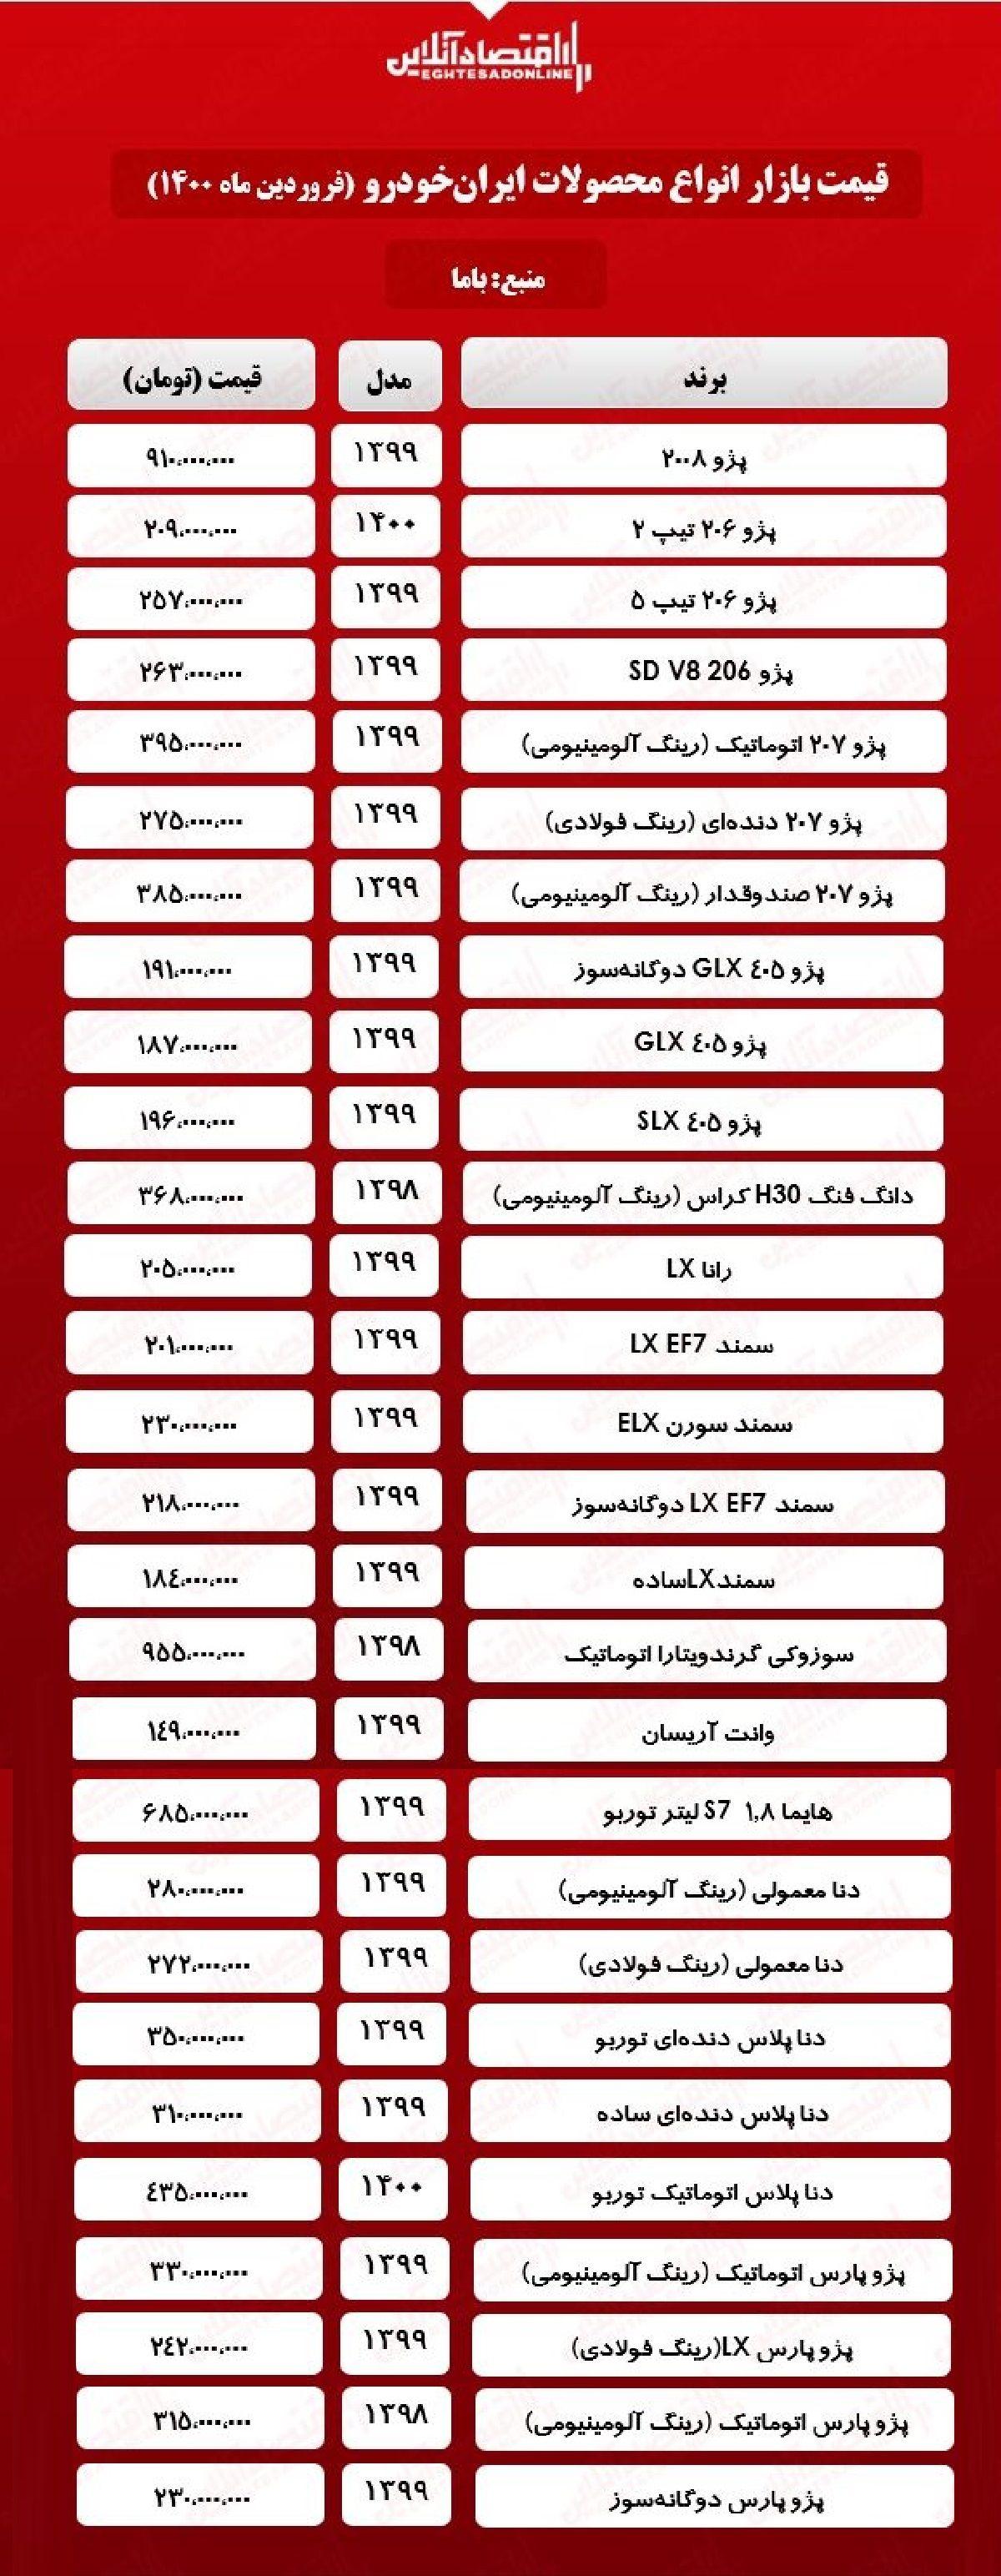 قیمت محصولات ایران خودرو امروز ۱۴۰۰/۱/۲۵